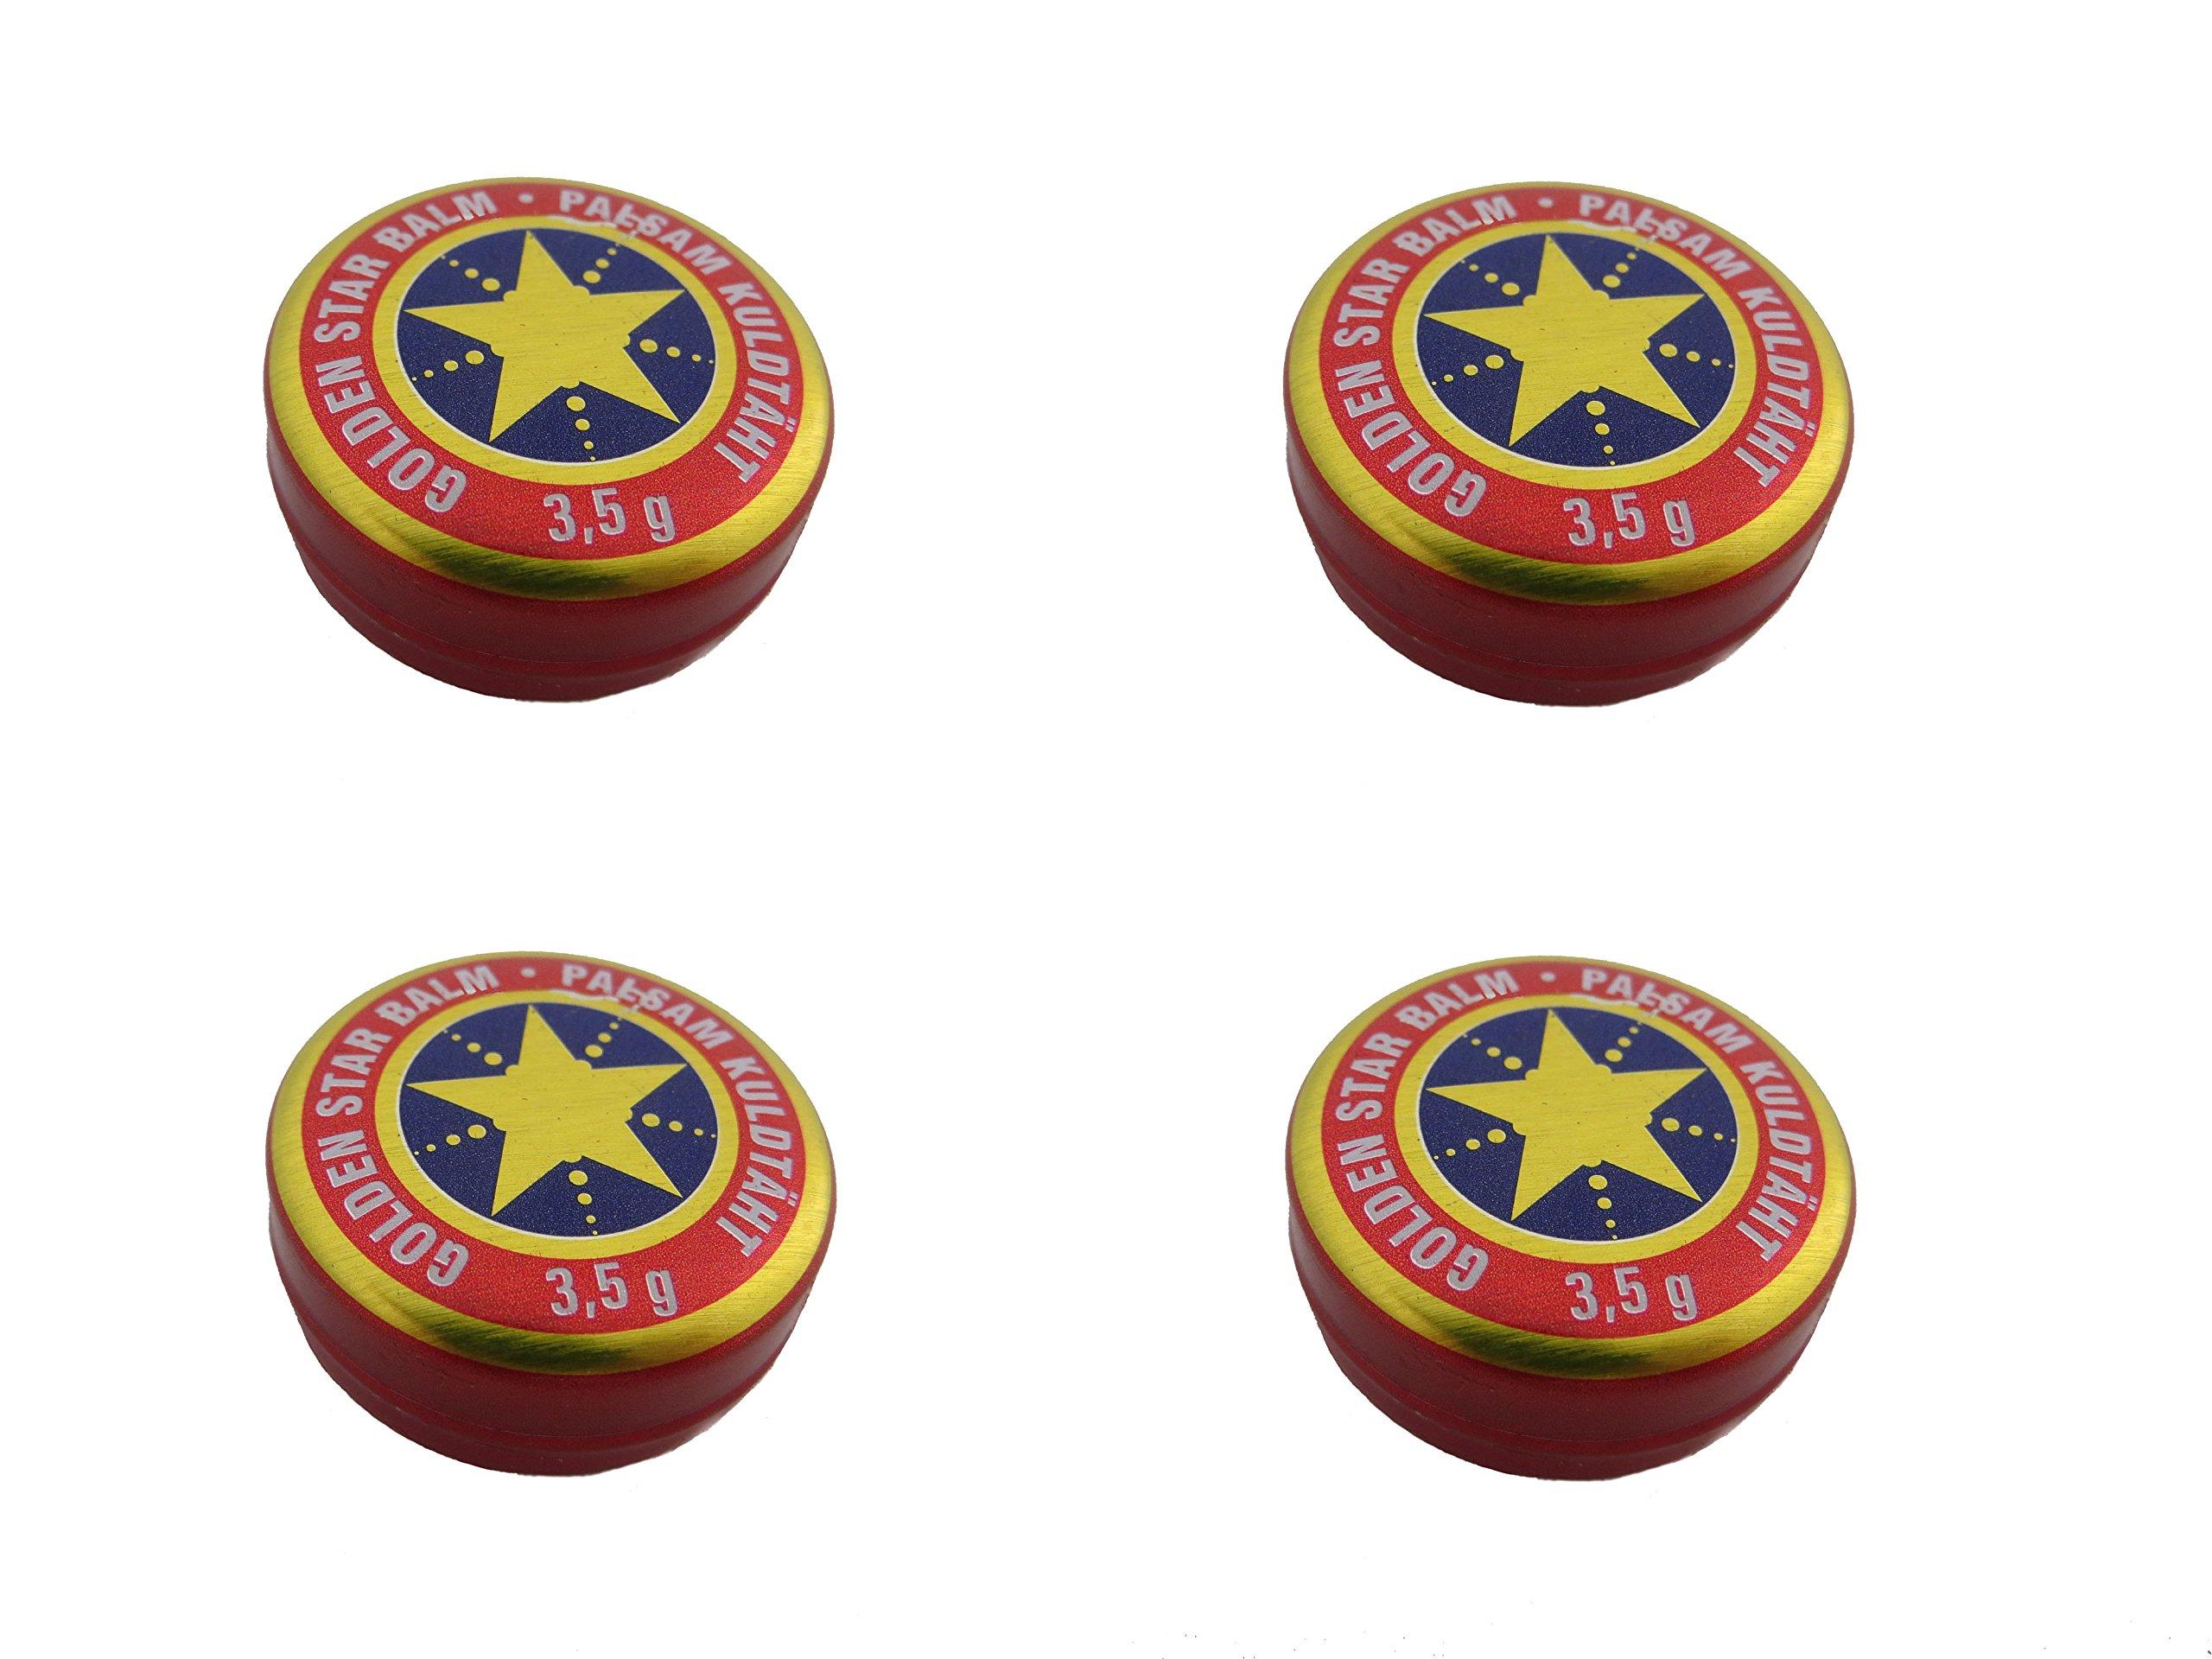 4X (4pcs) 3,5 Gram Golden Star Balm